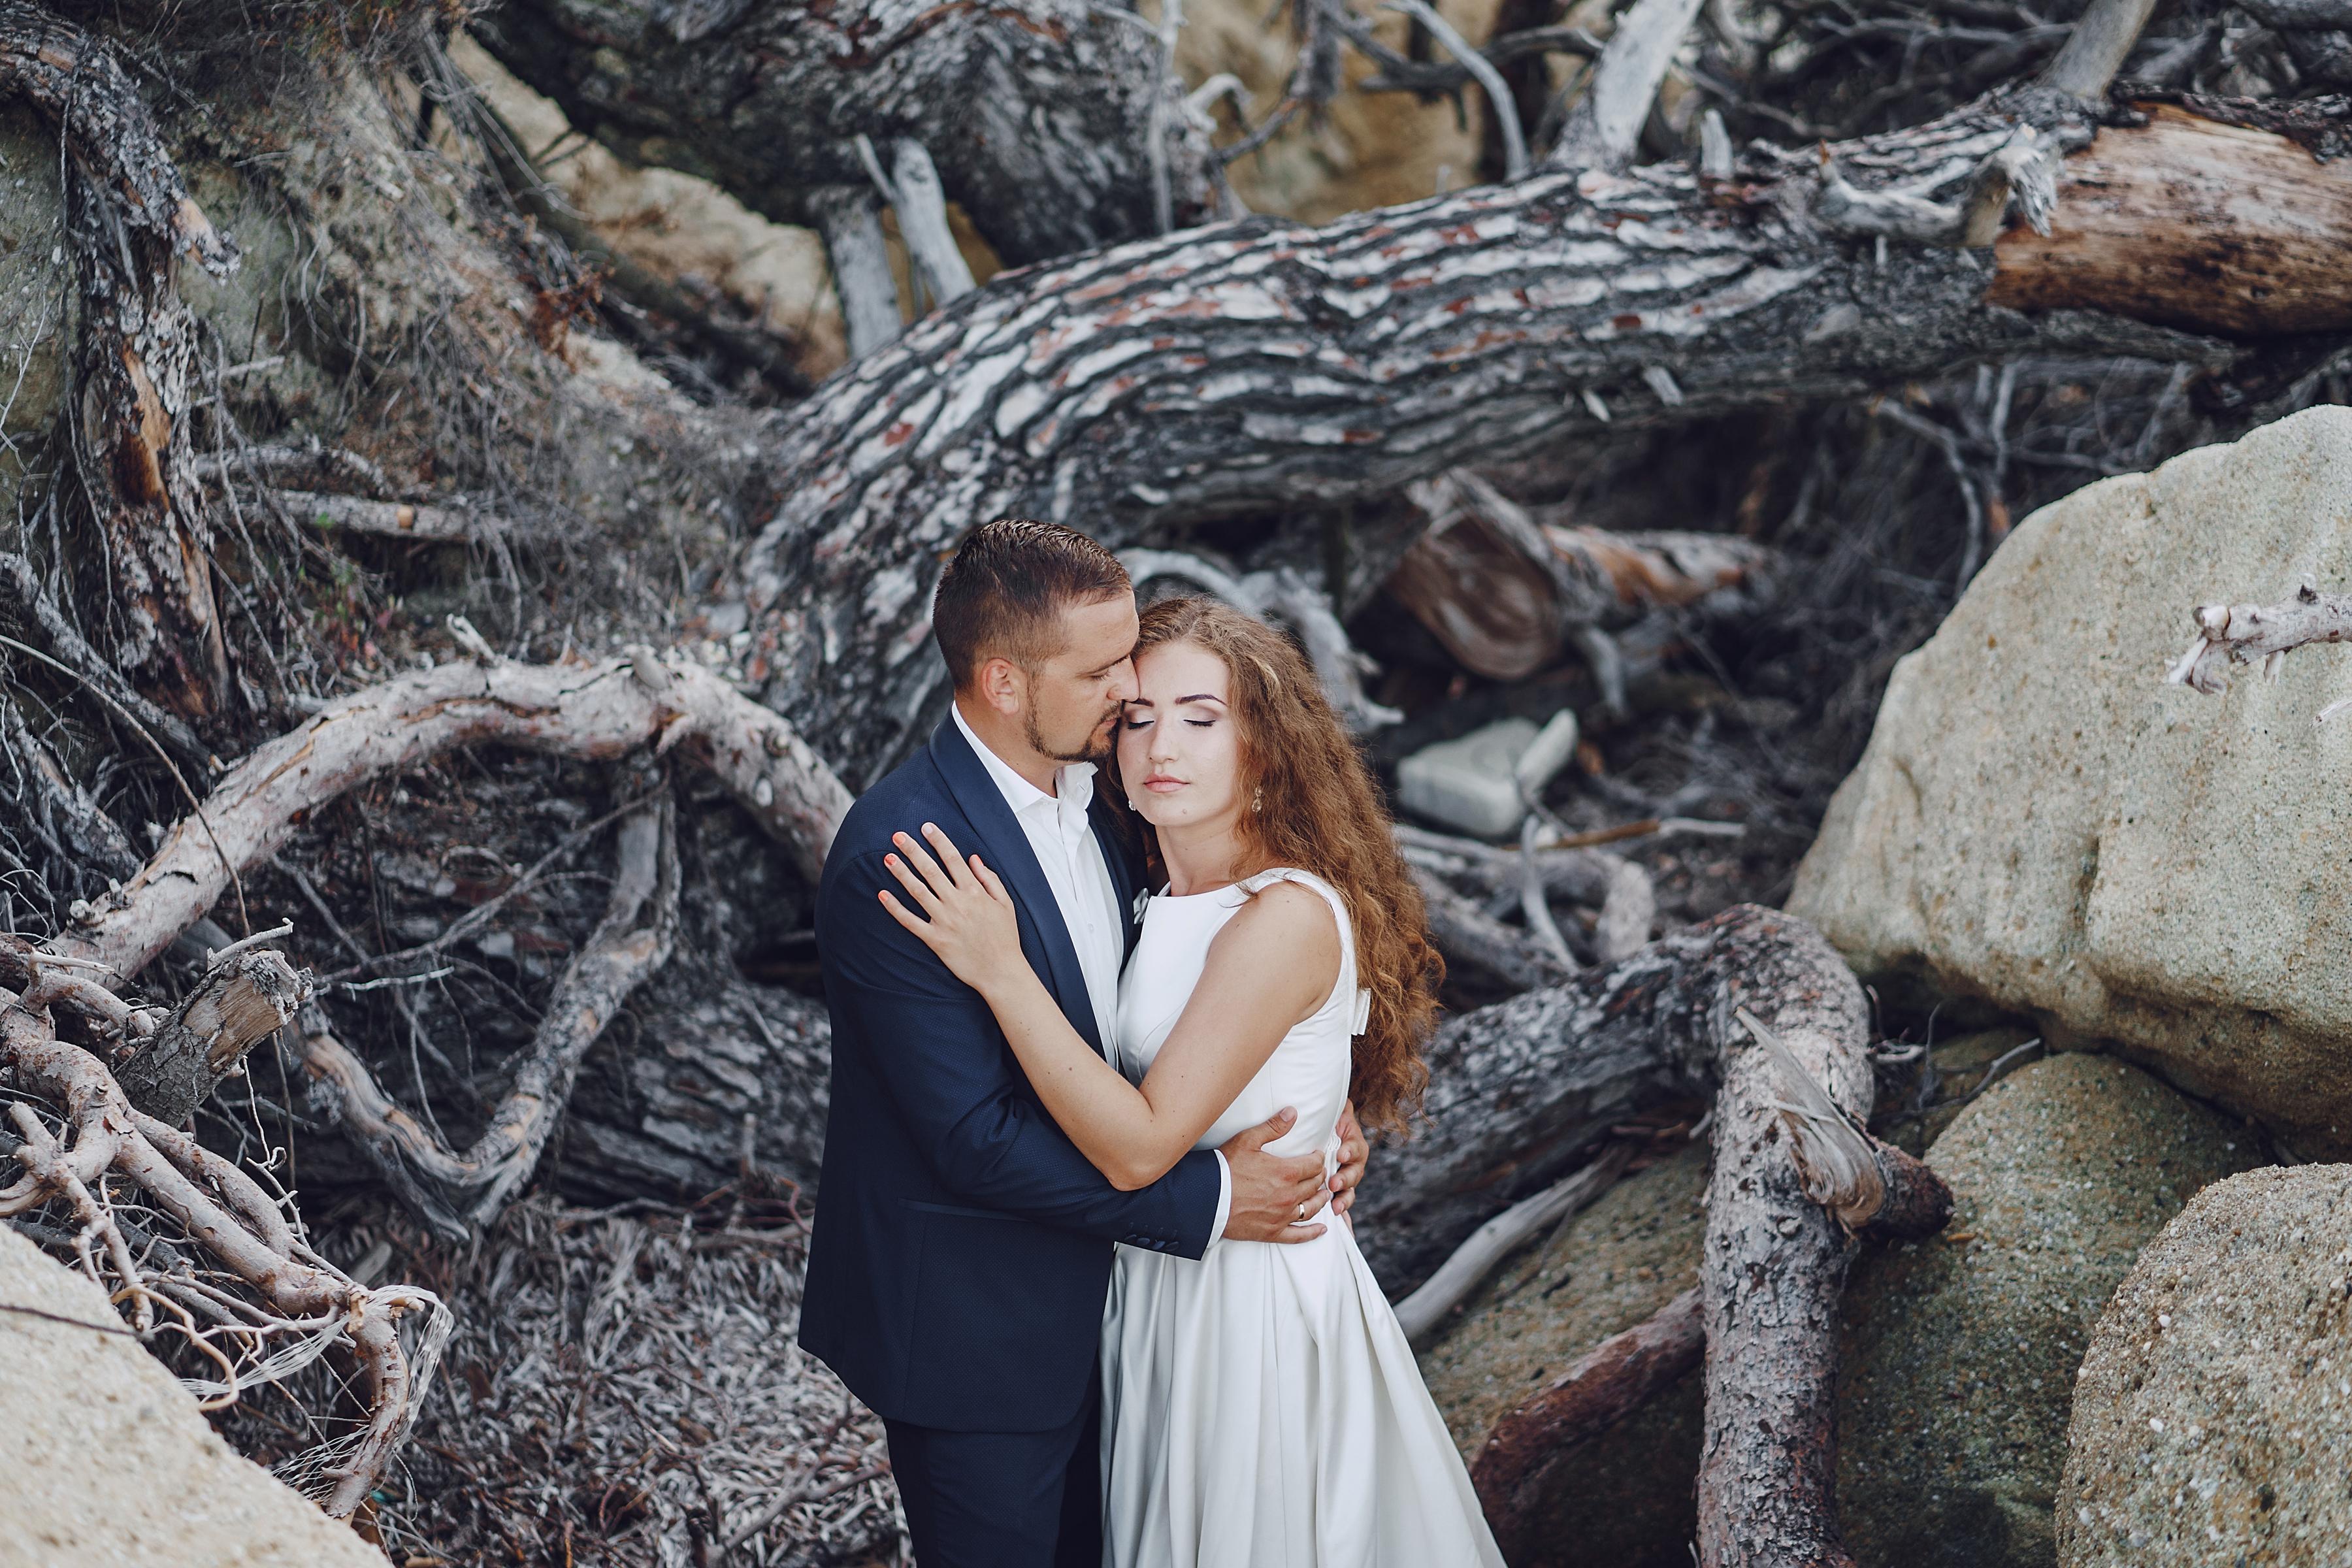 Фотографии Жених Шатенка Невеста Свадьба Двое Любовь Девушки Объятие 3600x2400 2 вдвоем